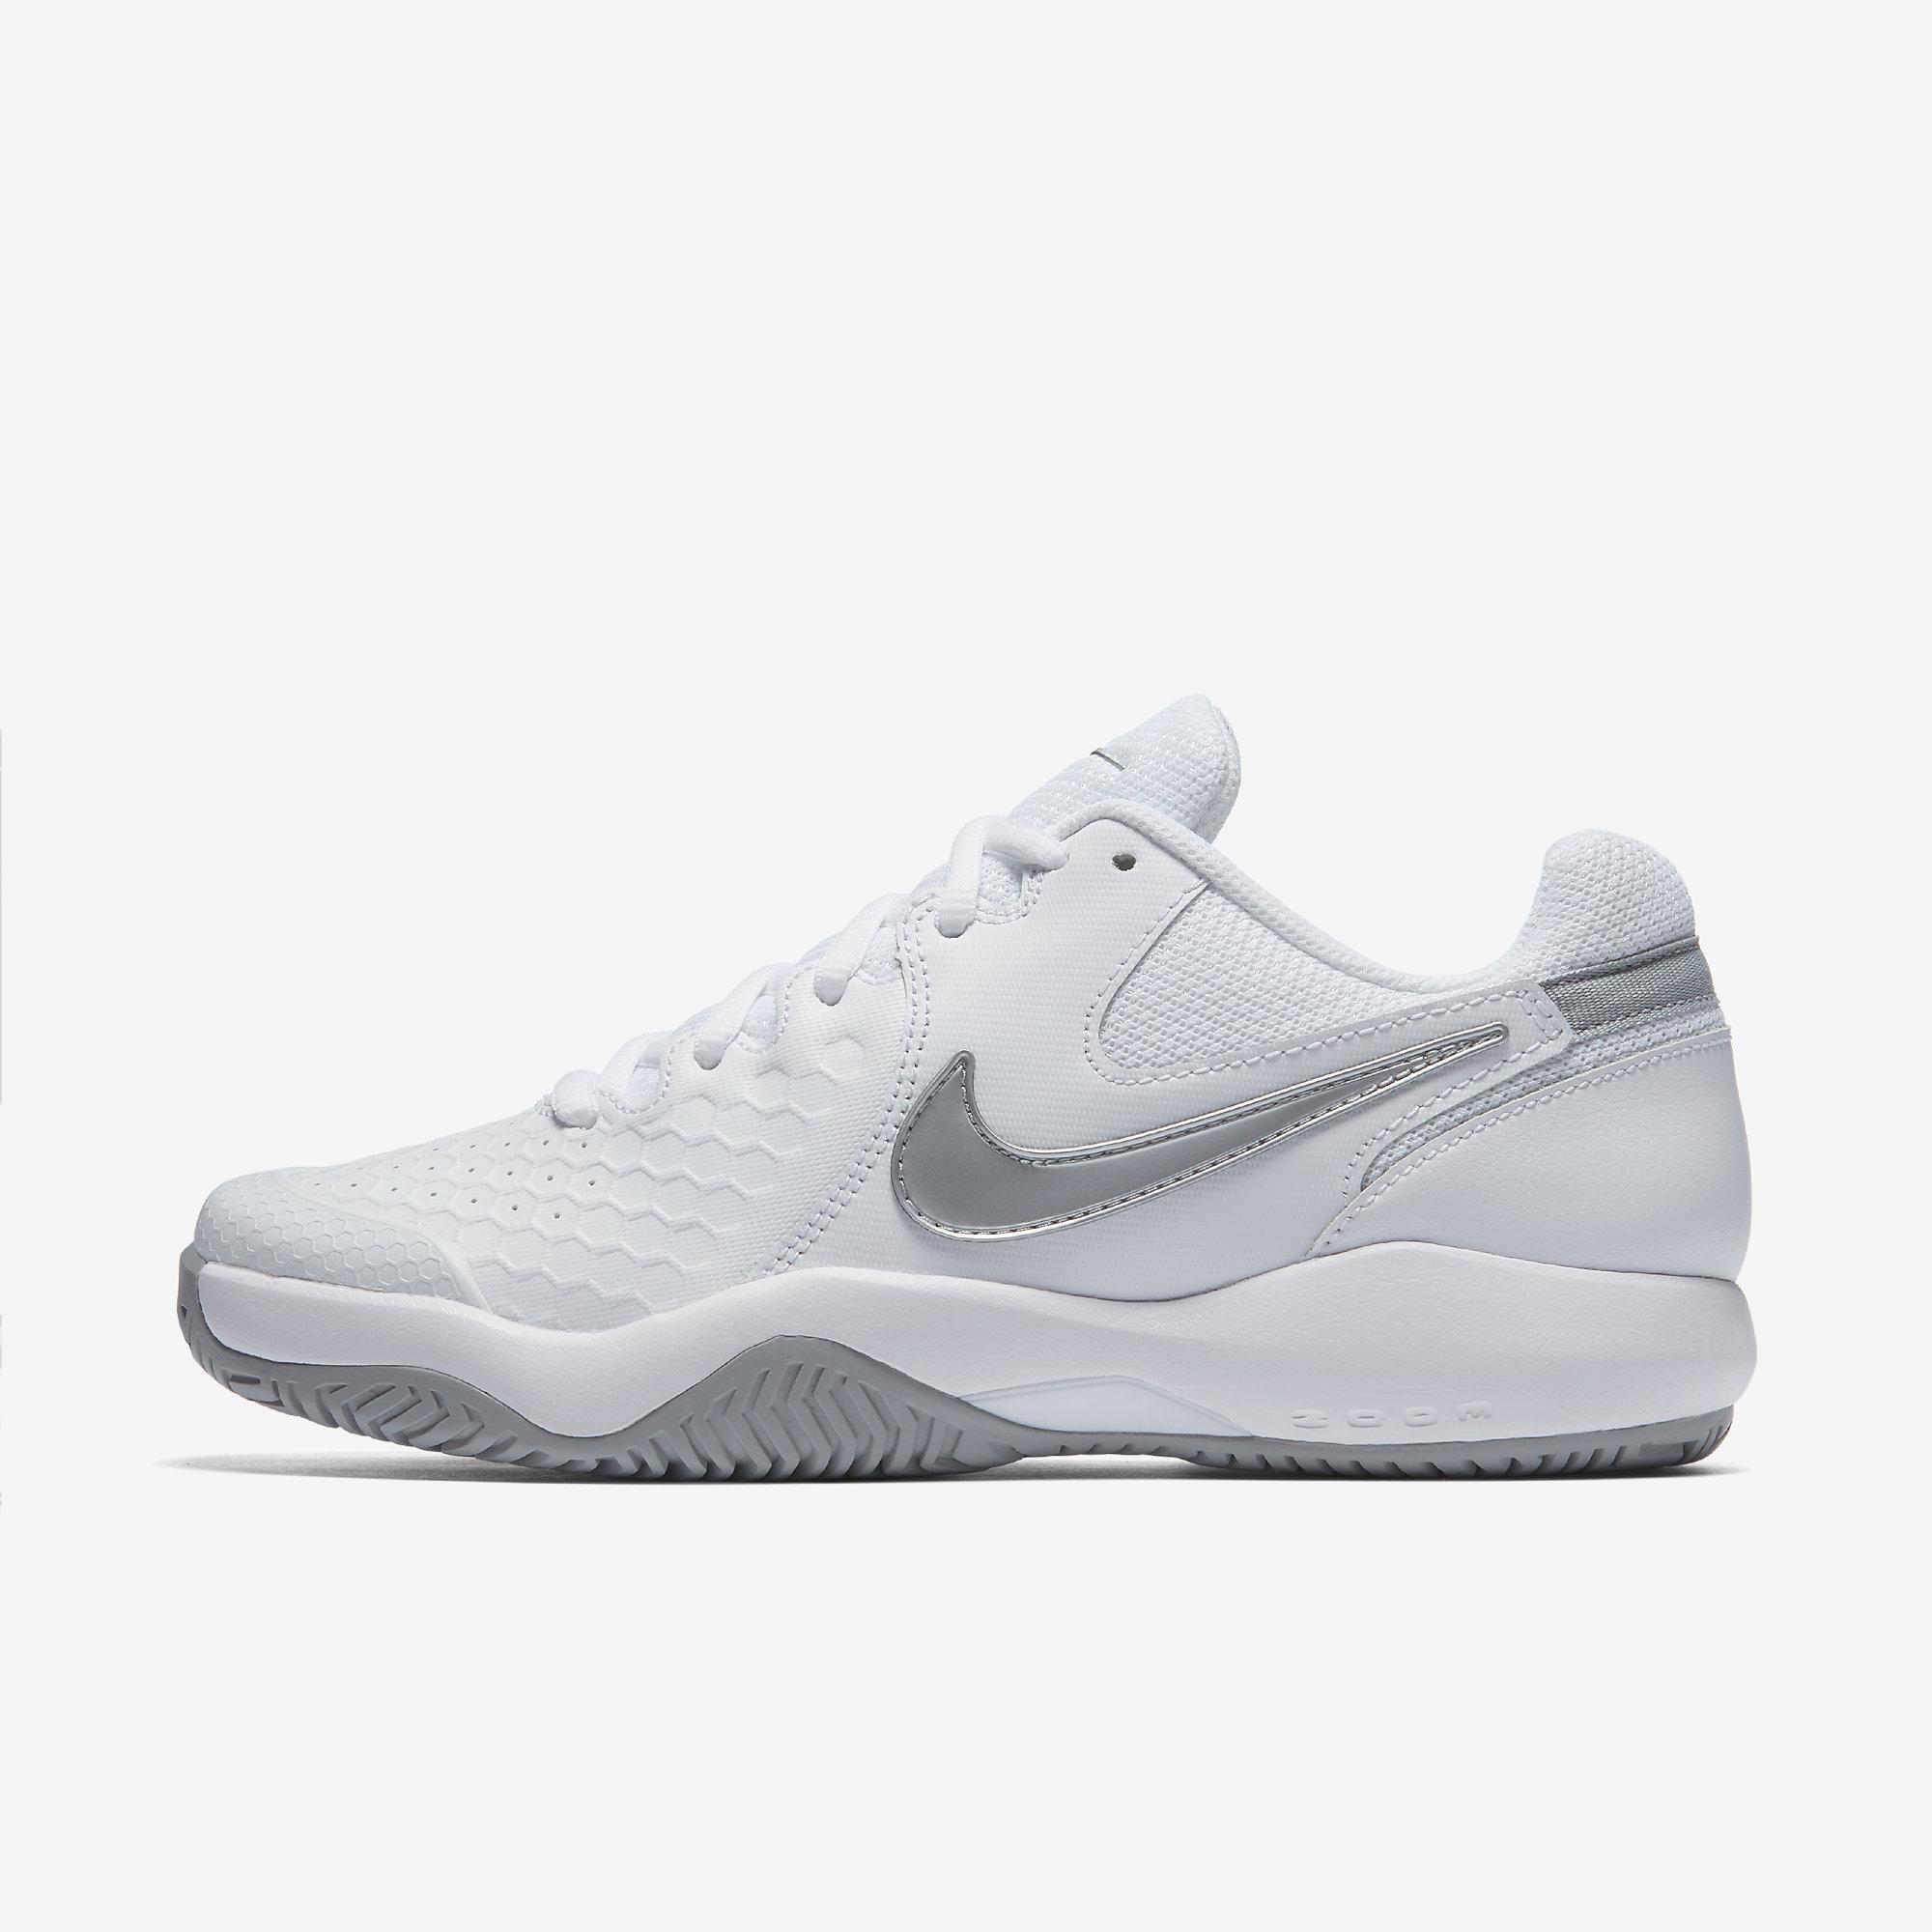 12c93e95d998d Nike Womens Air Zoom Resistance Tennis Shoes - White Metallic Silver -  Tennisnuts.com